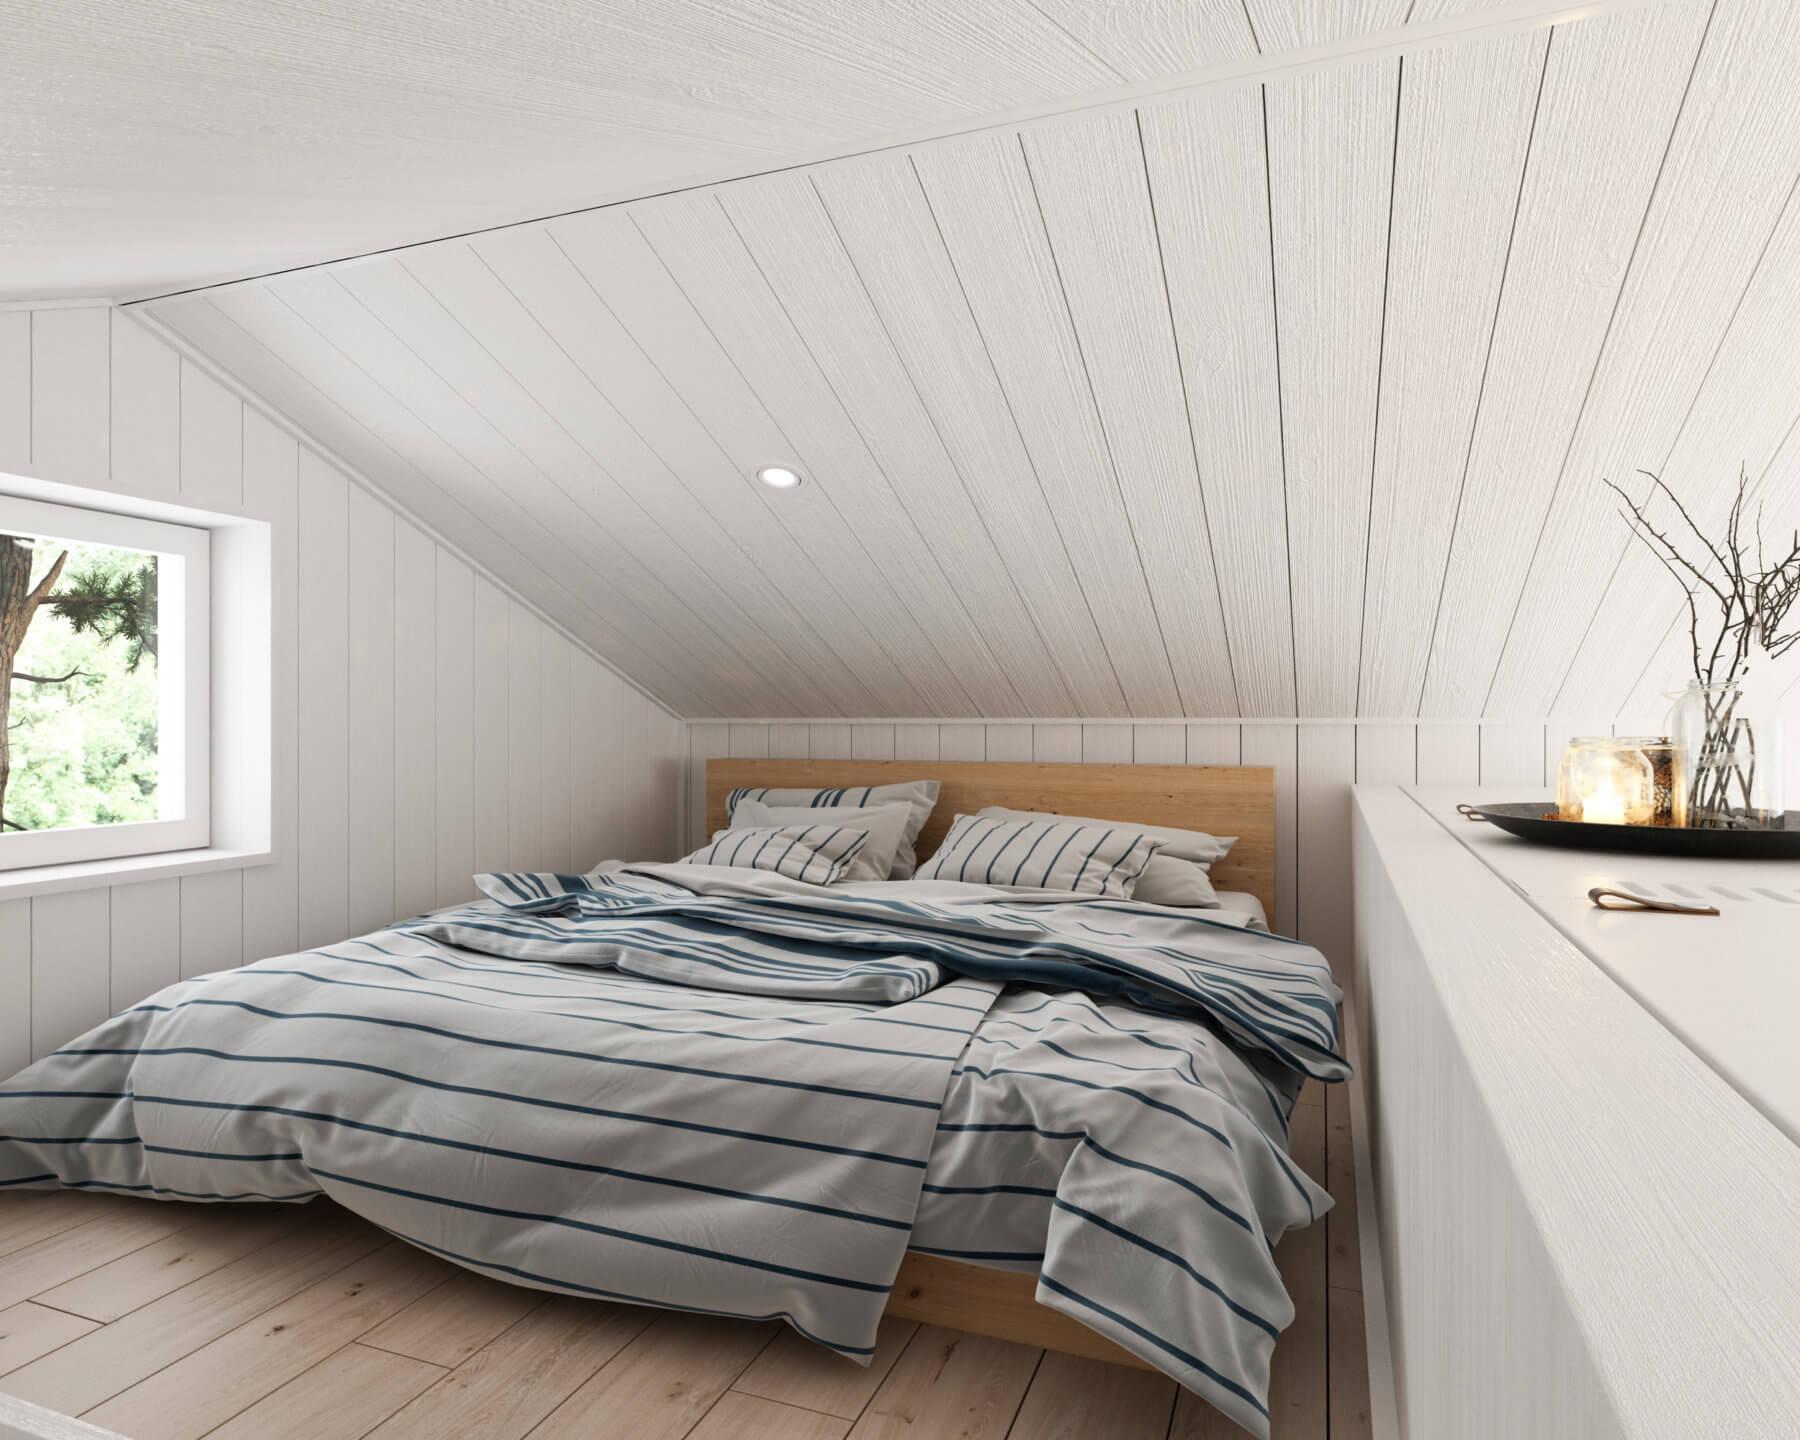 Attefallshus klassisk  25.3 loft med dubbelsäng och spotlight i tak